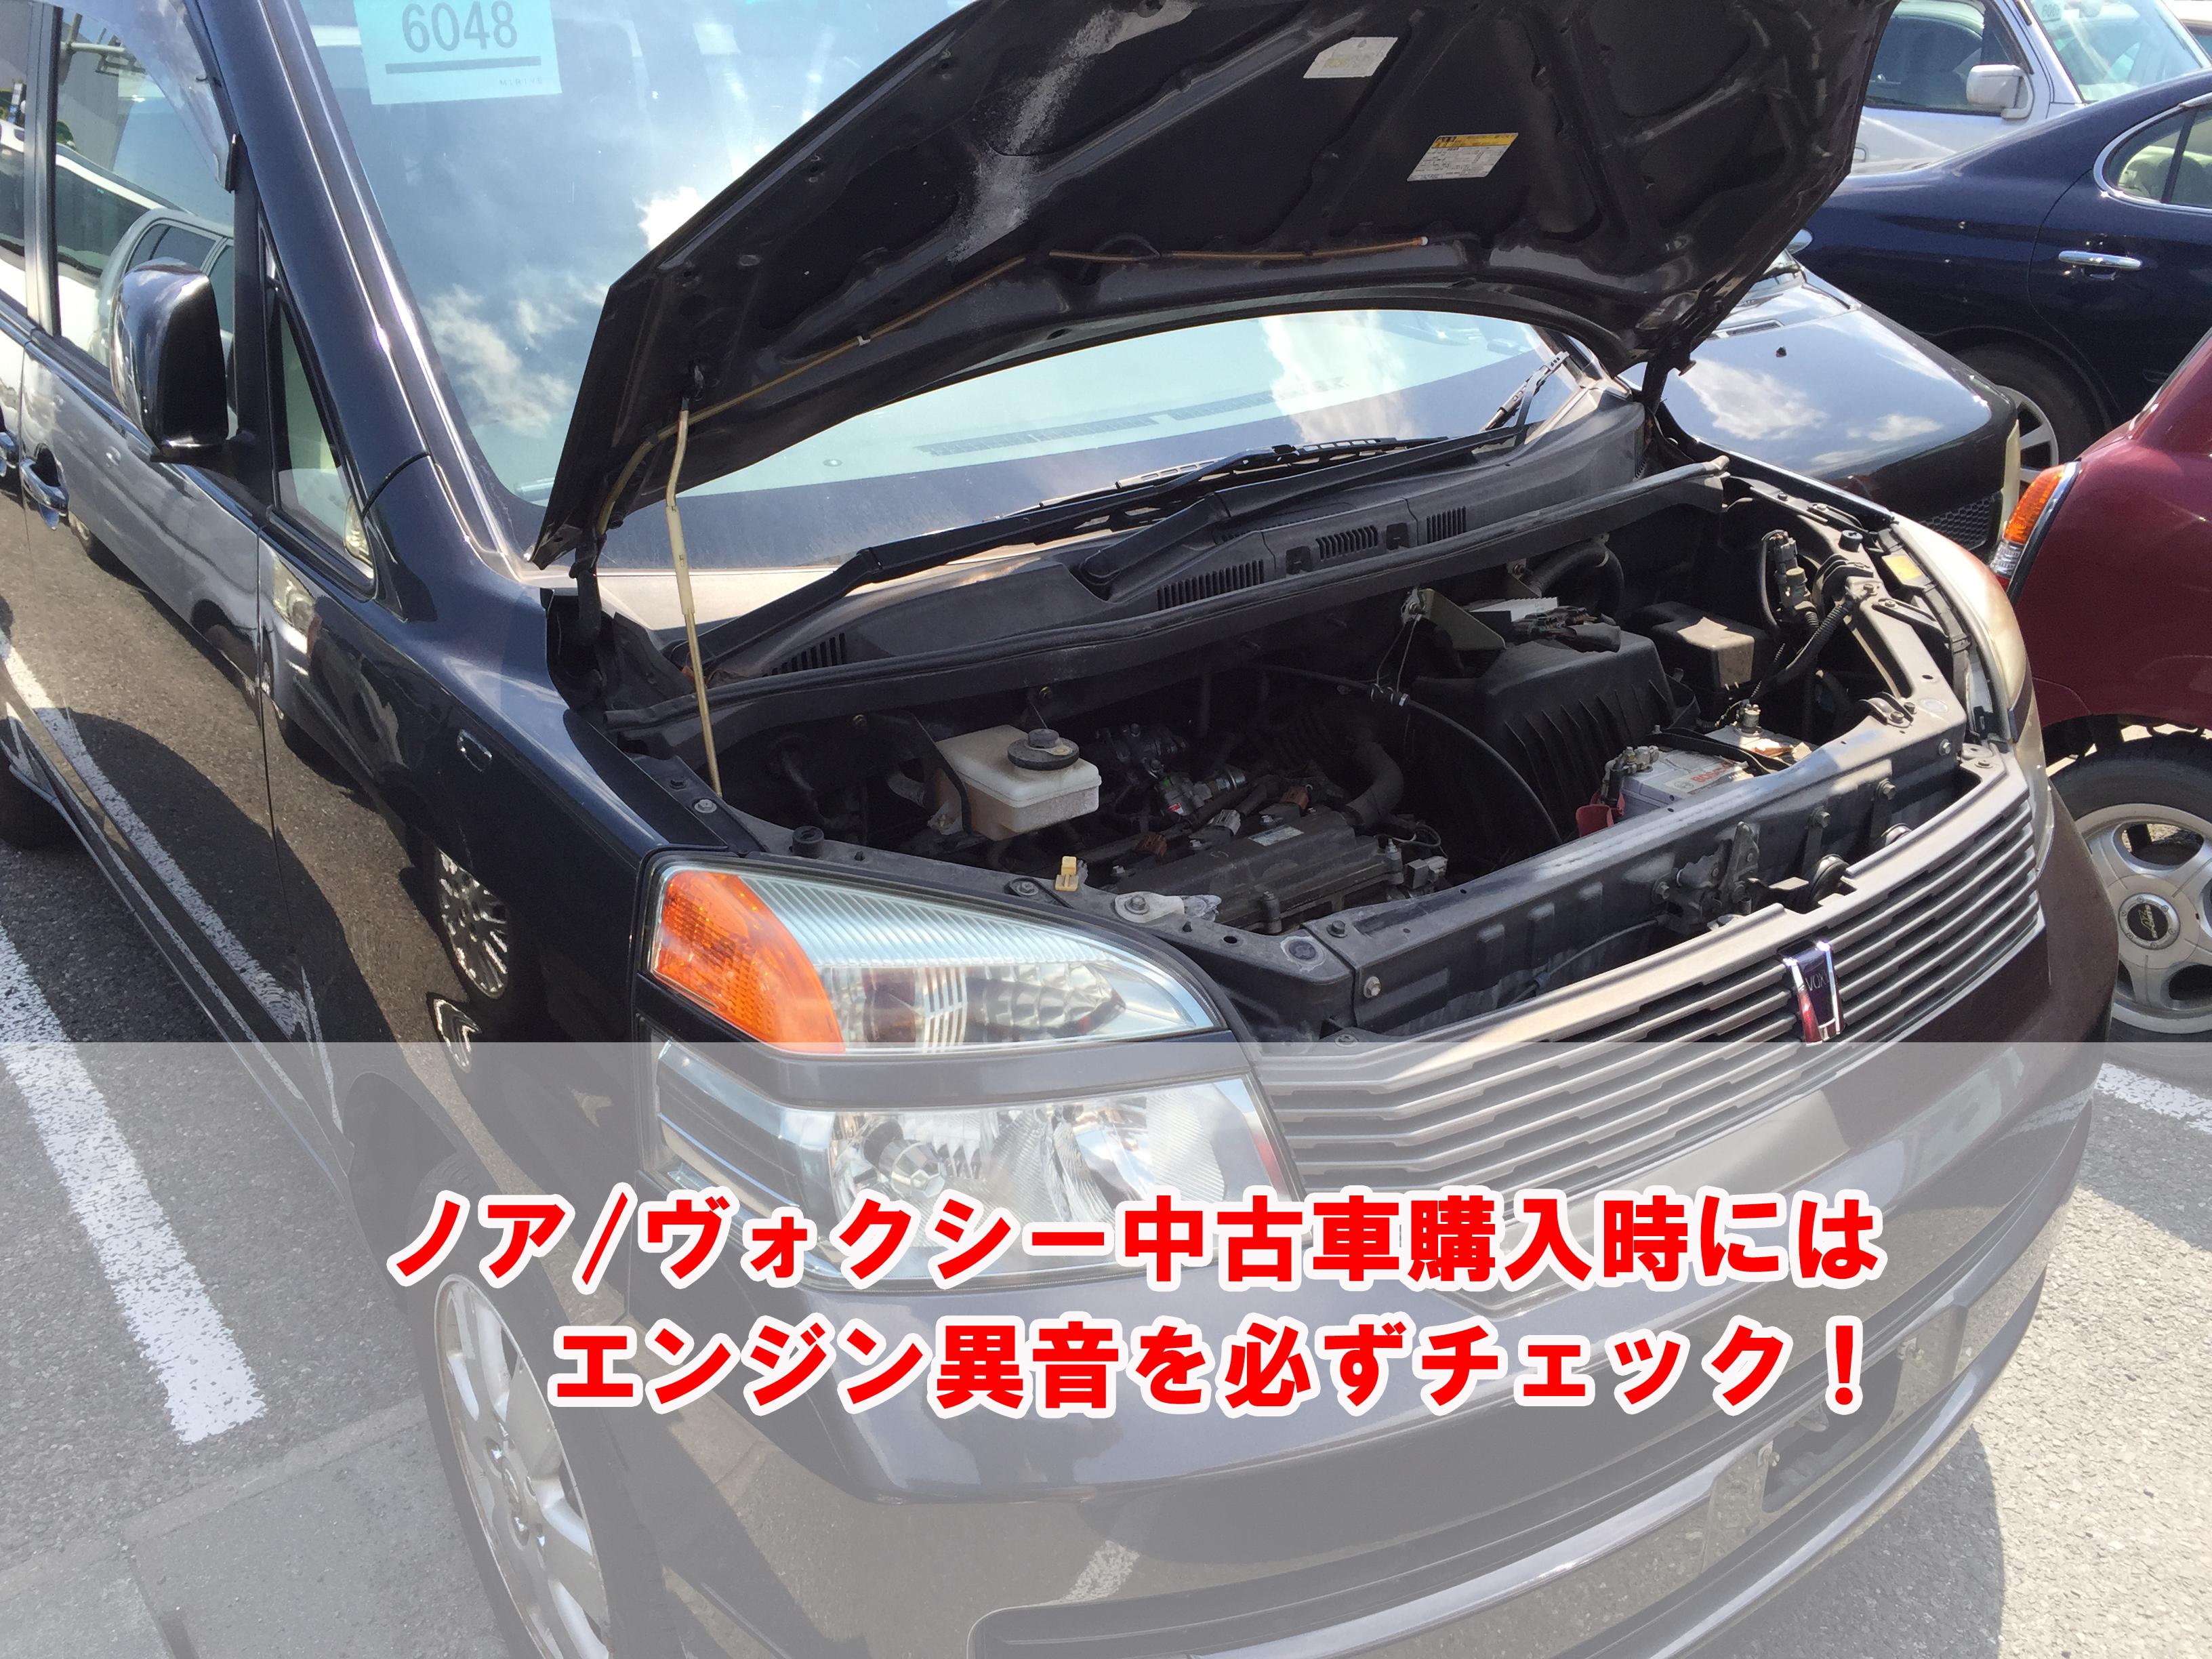 【買ったらヤバイ!】ノア/ヴォクシー60系はエンジン異音を必ずチェック!